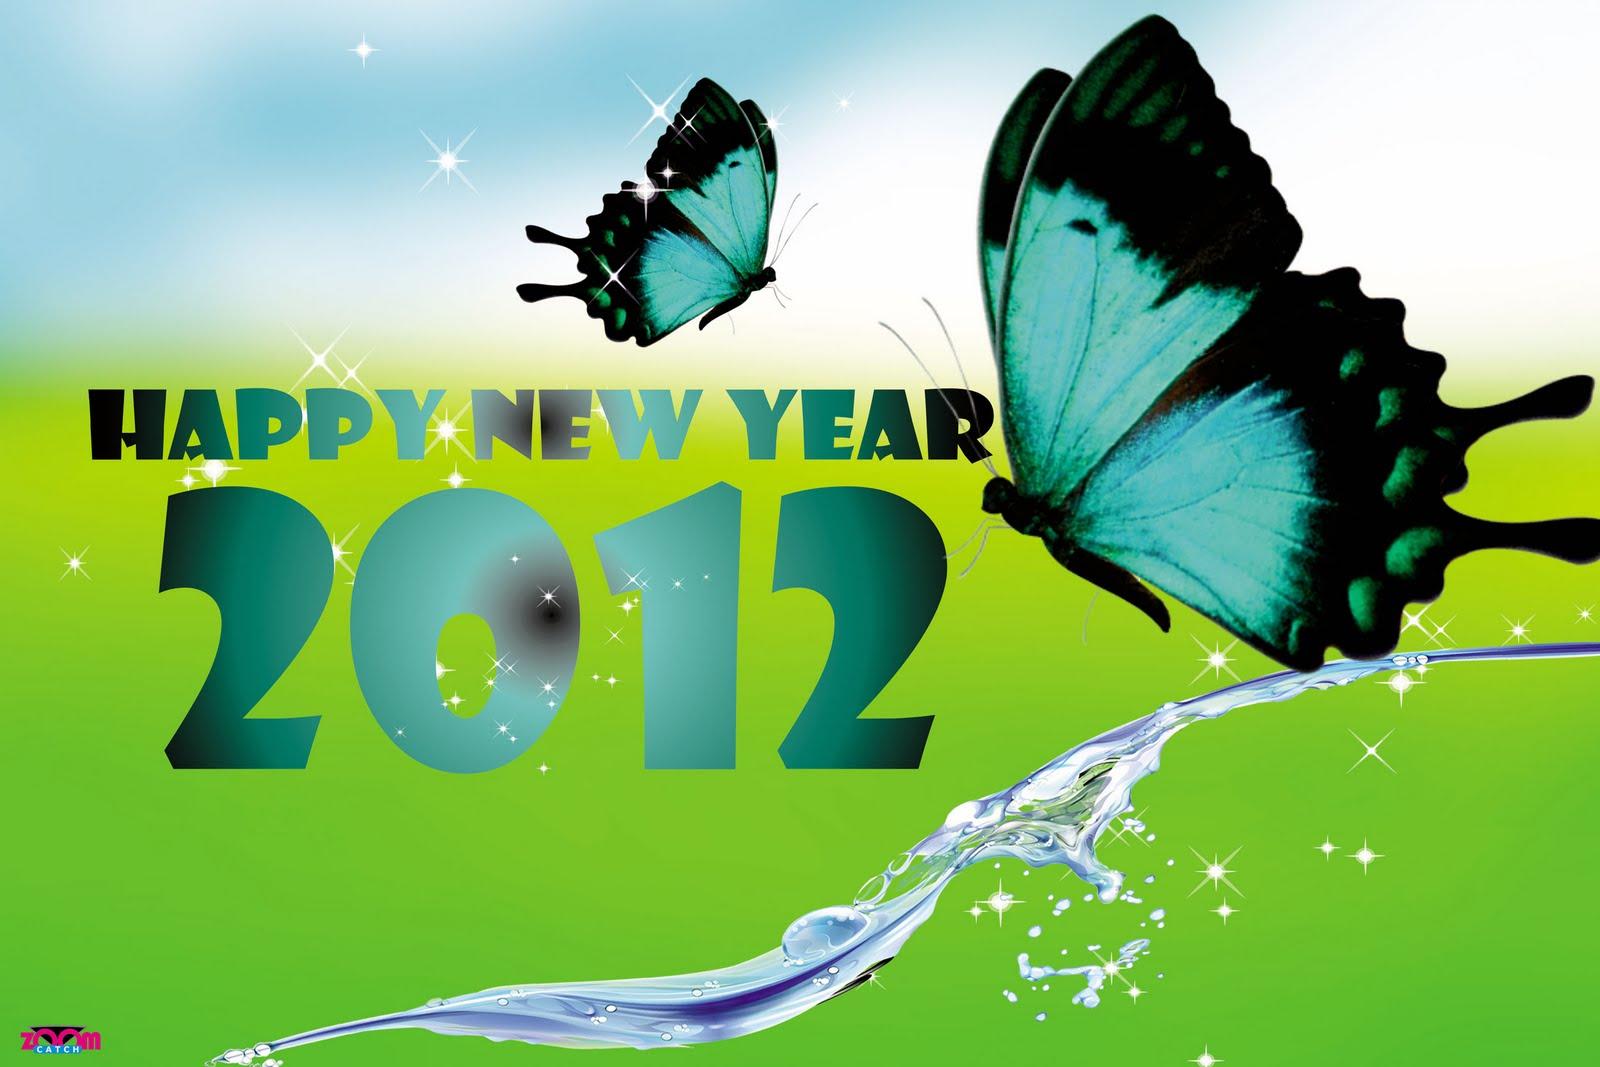 صور عام 2012 جديدة Happy-New-Year-2012